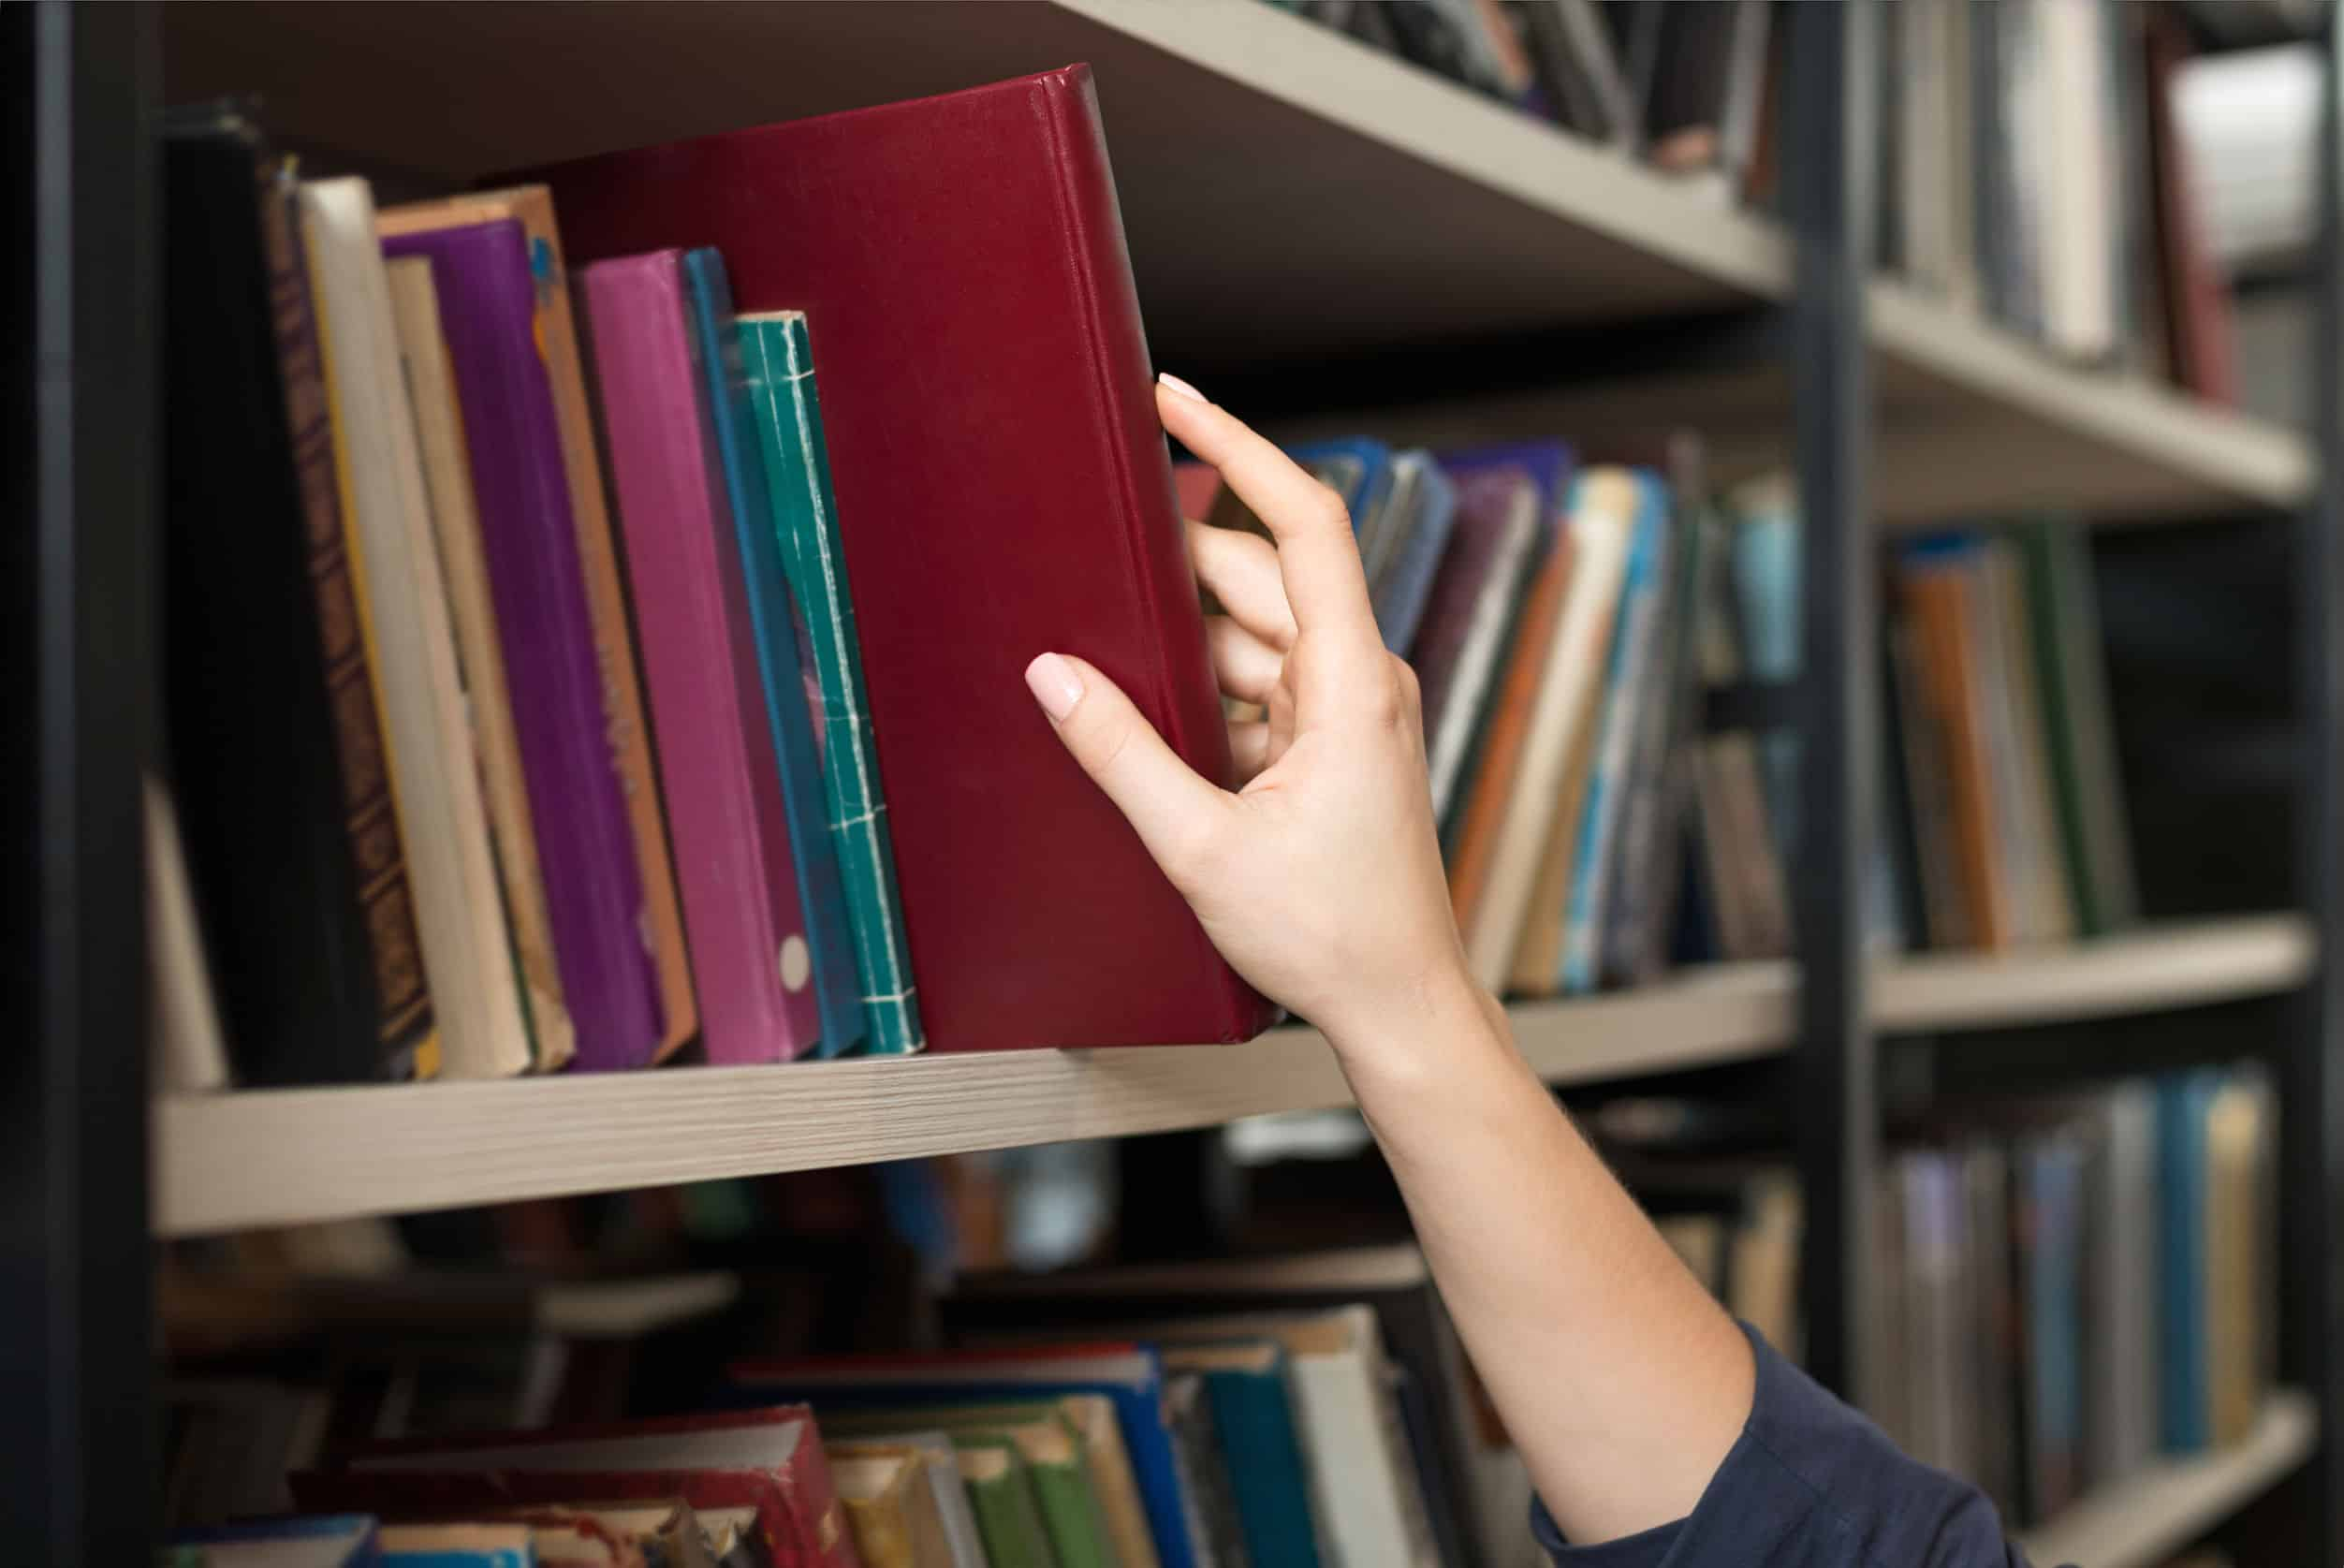 Imagem de mão pegando livro em estante de biblioteca.